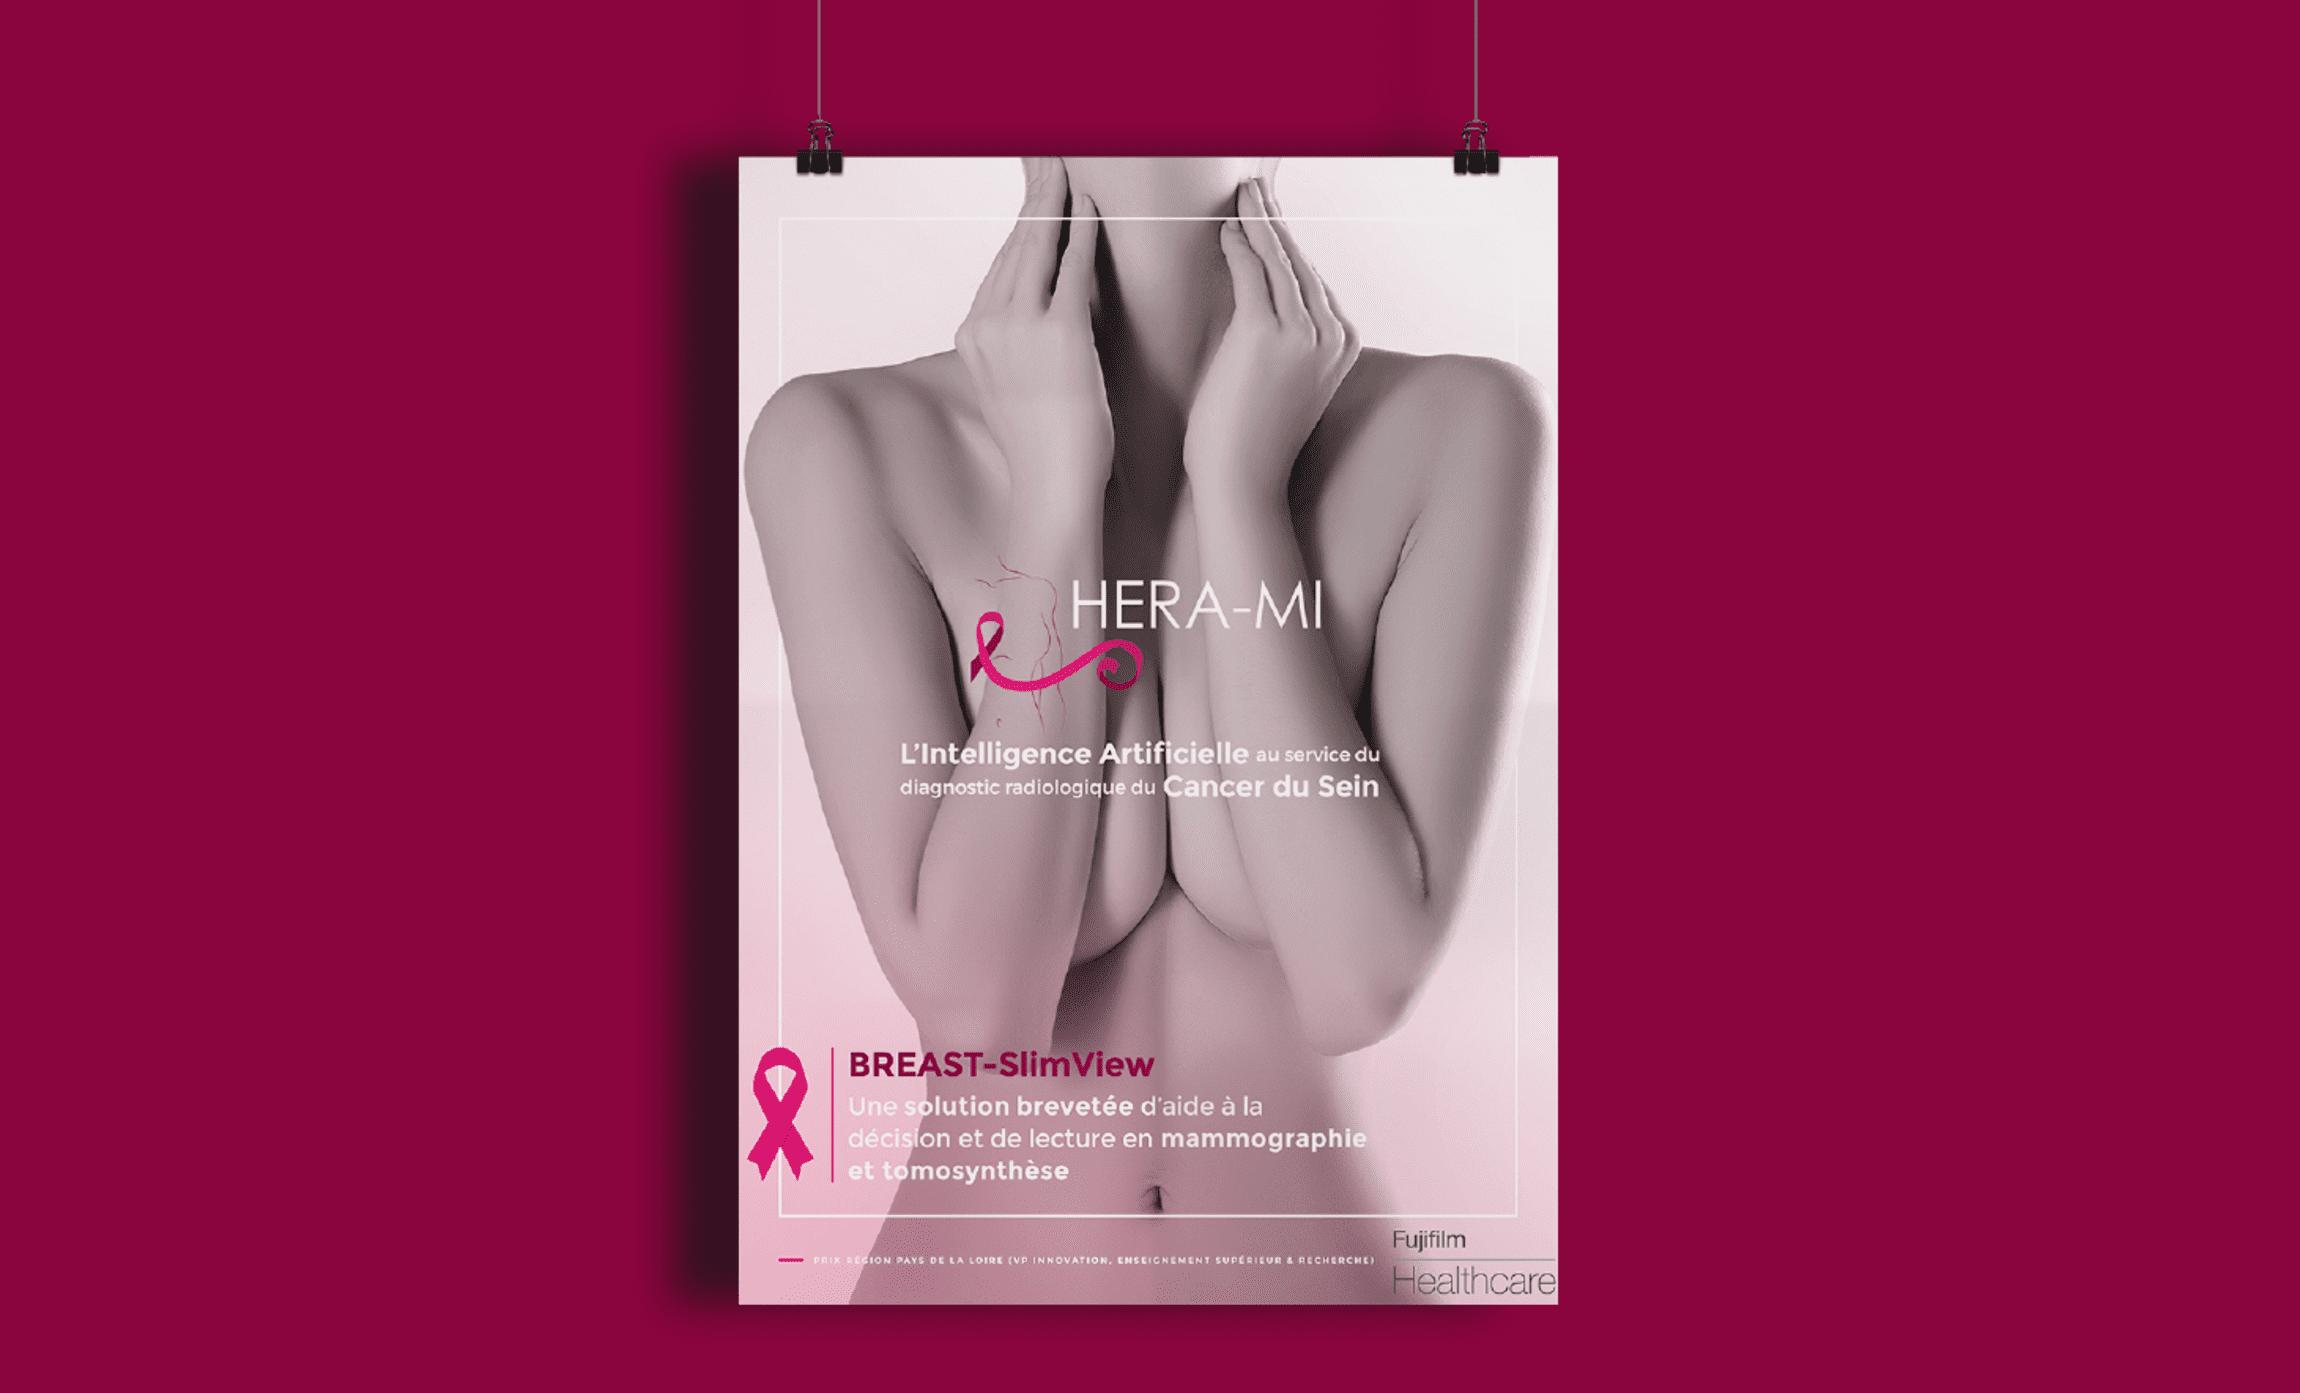 Affiche Hera mi dépistage cancer du sein mammographie Digisanté